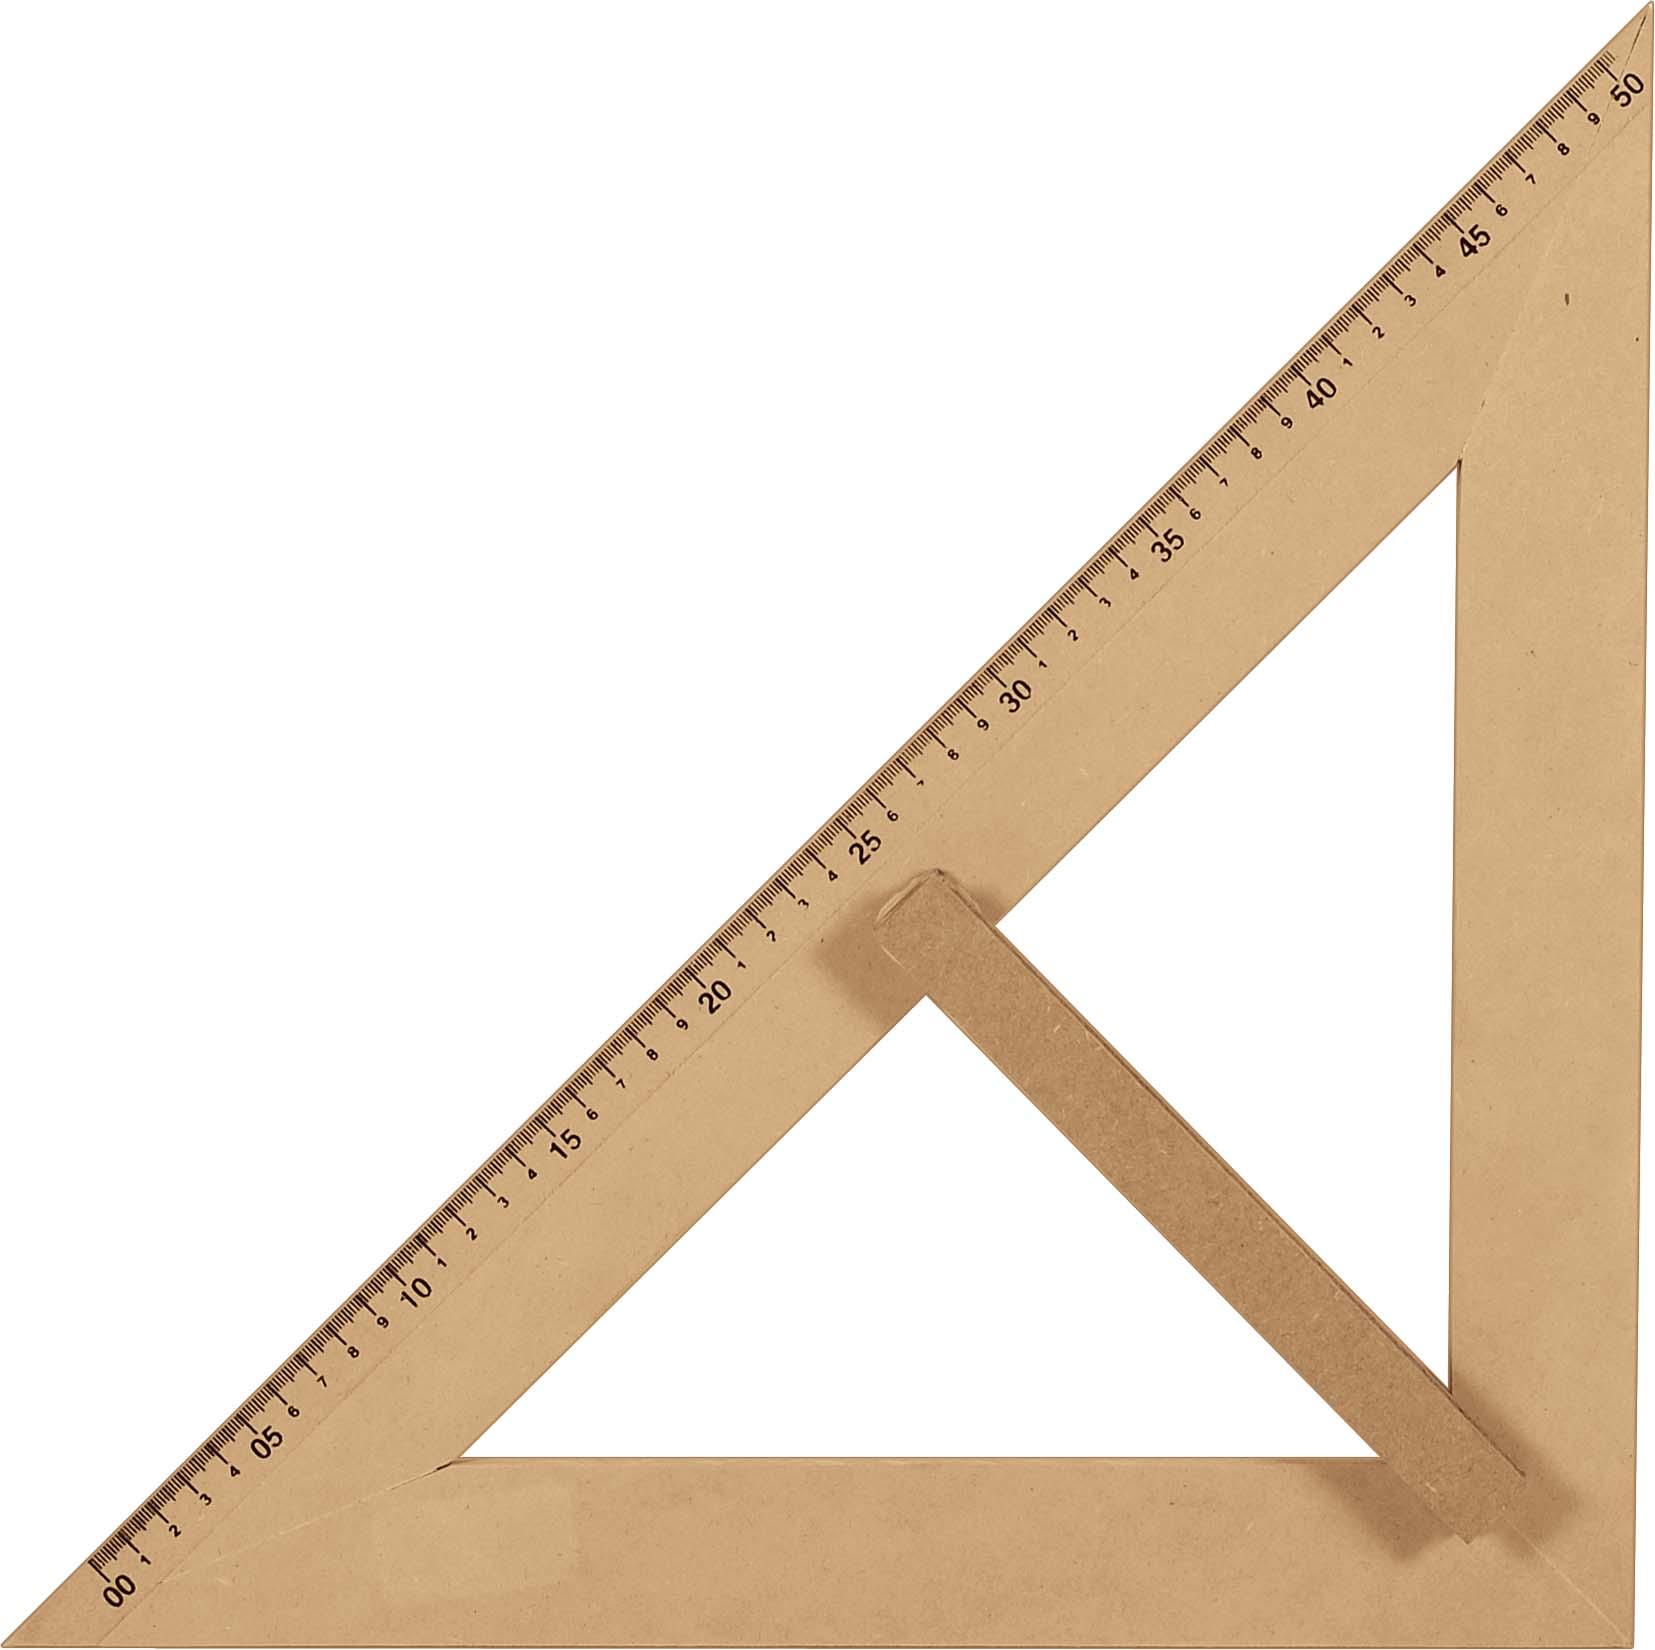 Conj 3 Kit Geométrico Do Professor Mdf/Pinus SEM Régua e Com Compasso Para Quadro Branco